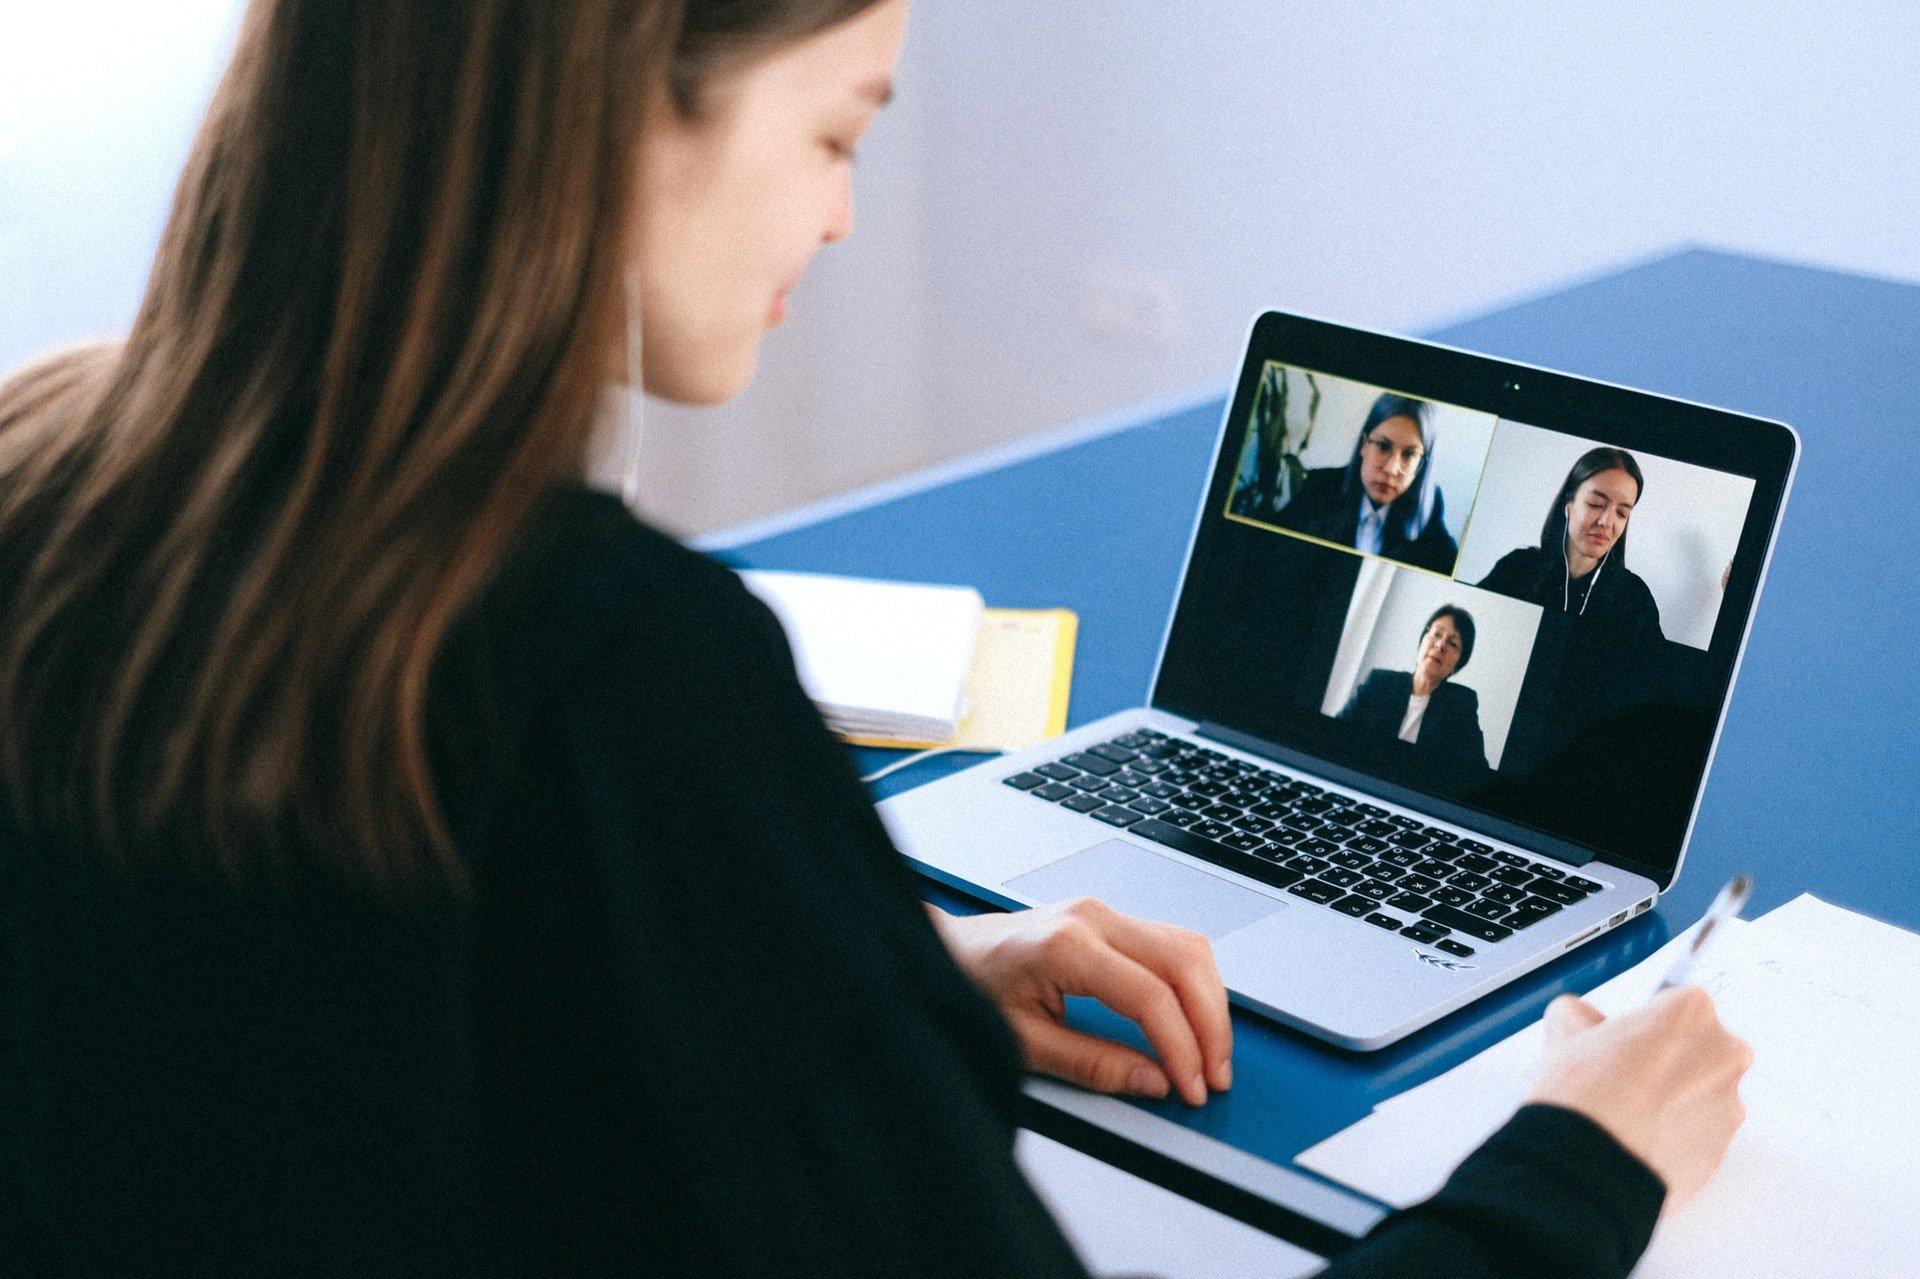 Como gravar uma reunião no zoom